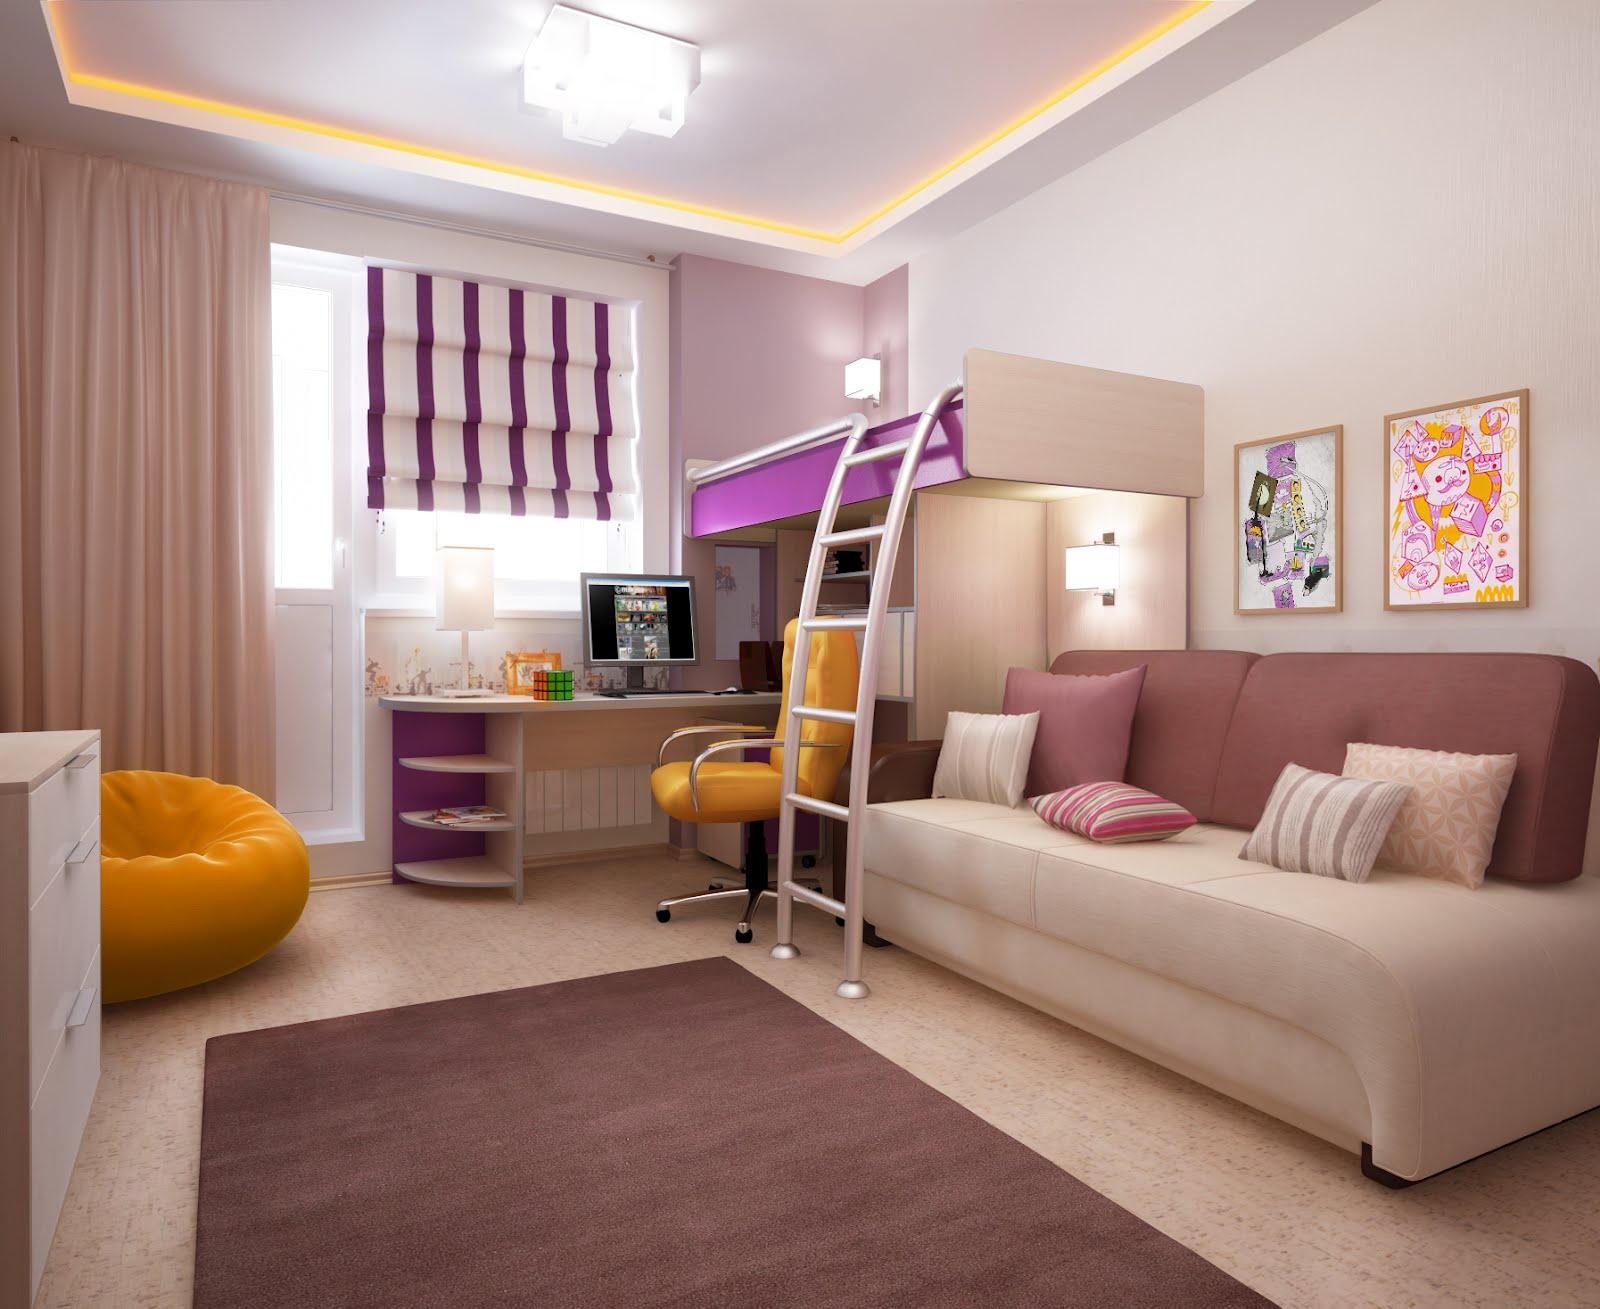 Дизайн детской комнаты. площадь 18 кв. м. фото kakoiremont.r.